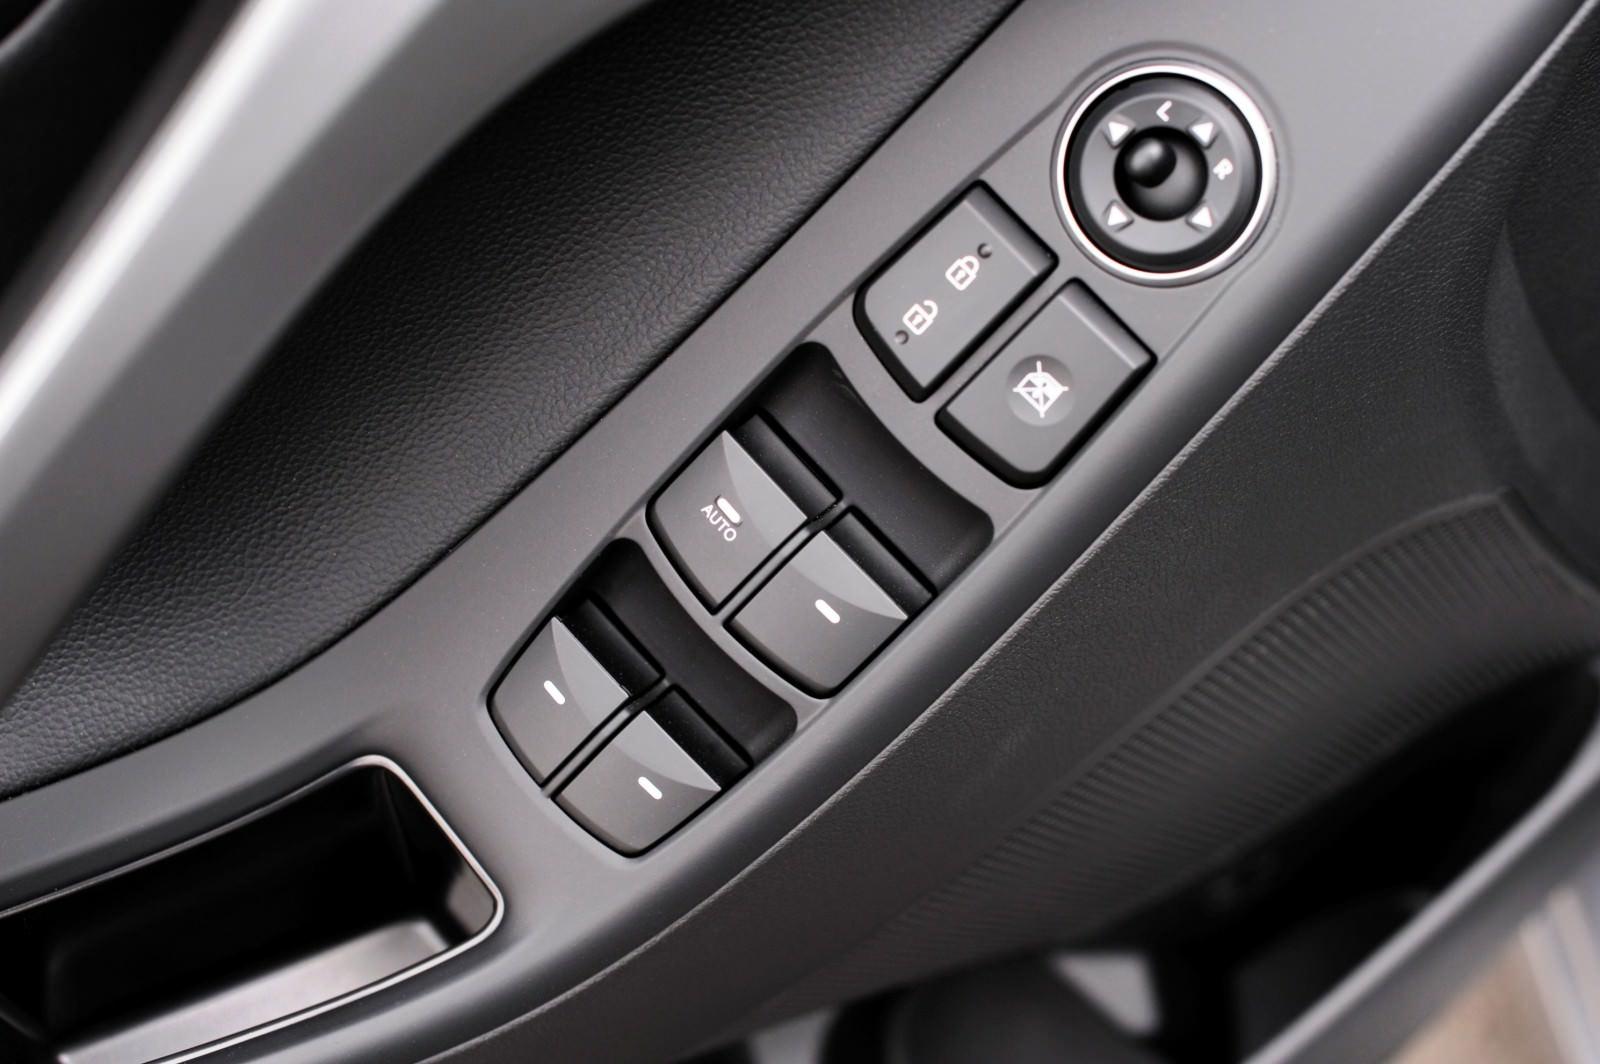 2015 Hyundai Elantra Sedan Brings Classy LED and Tech Updates  37